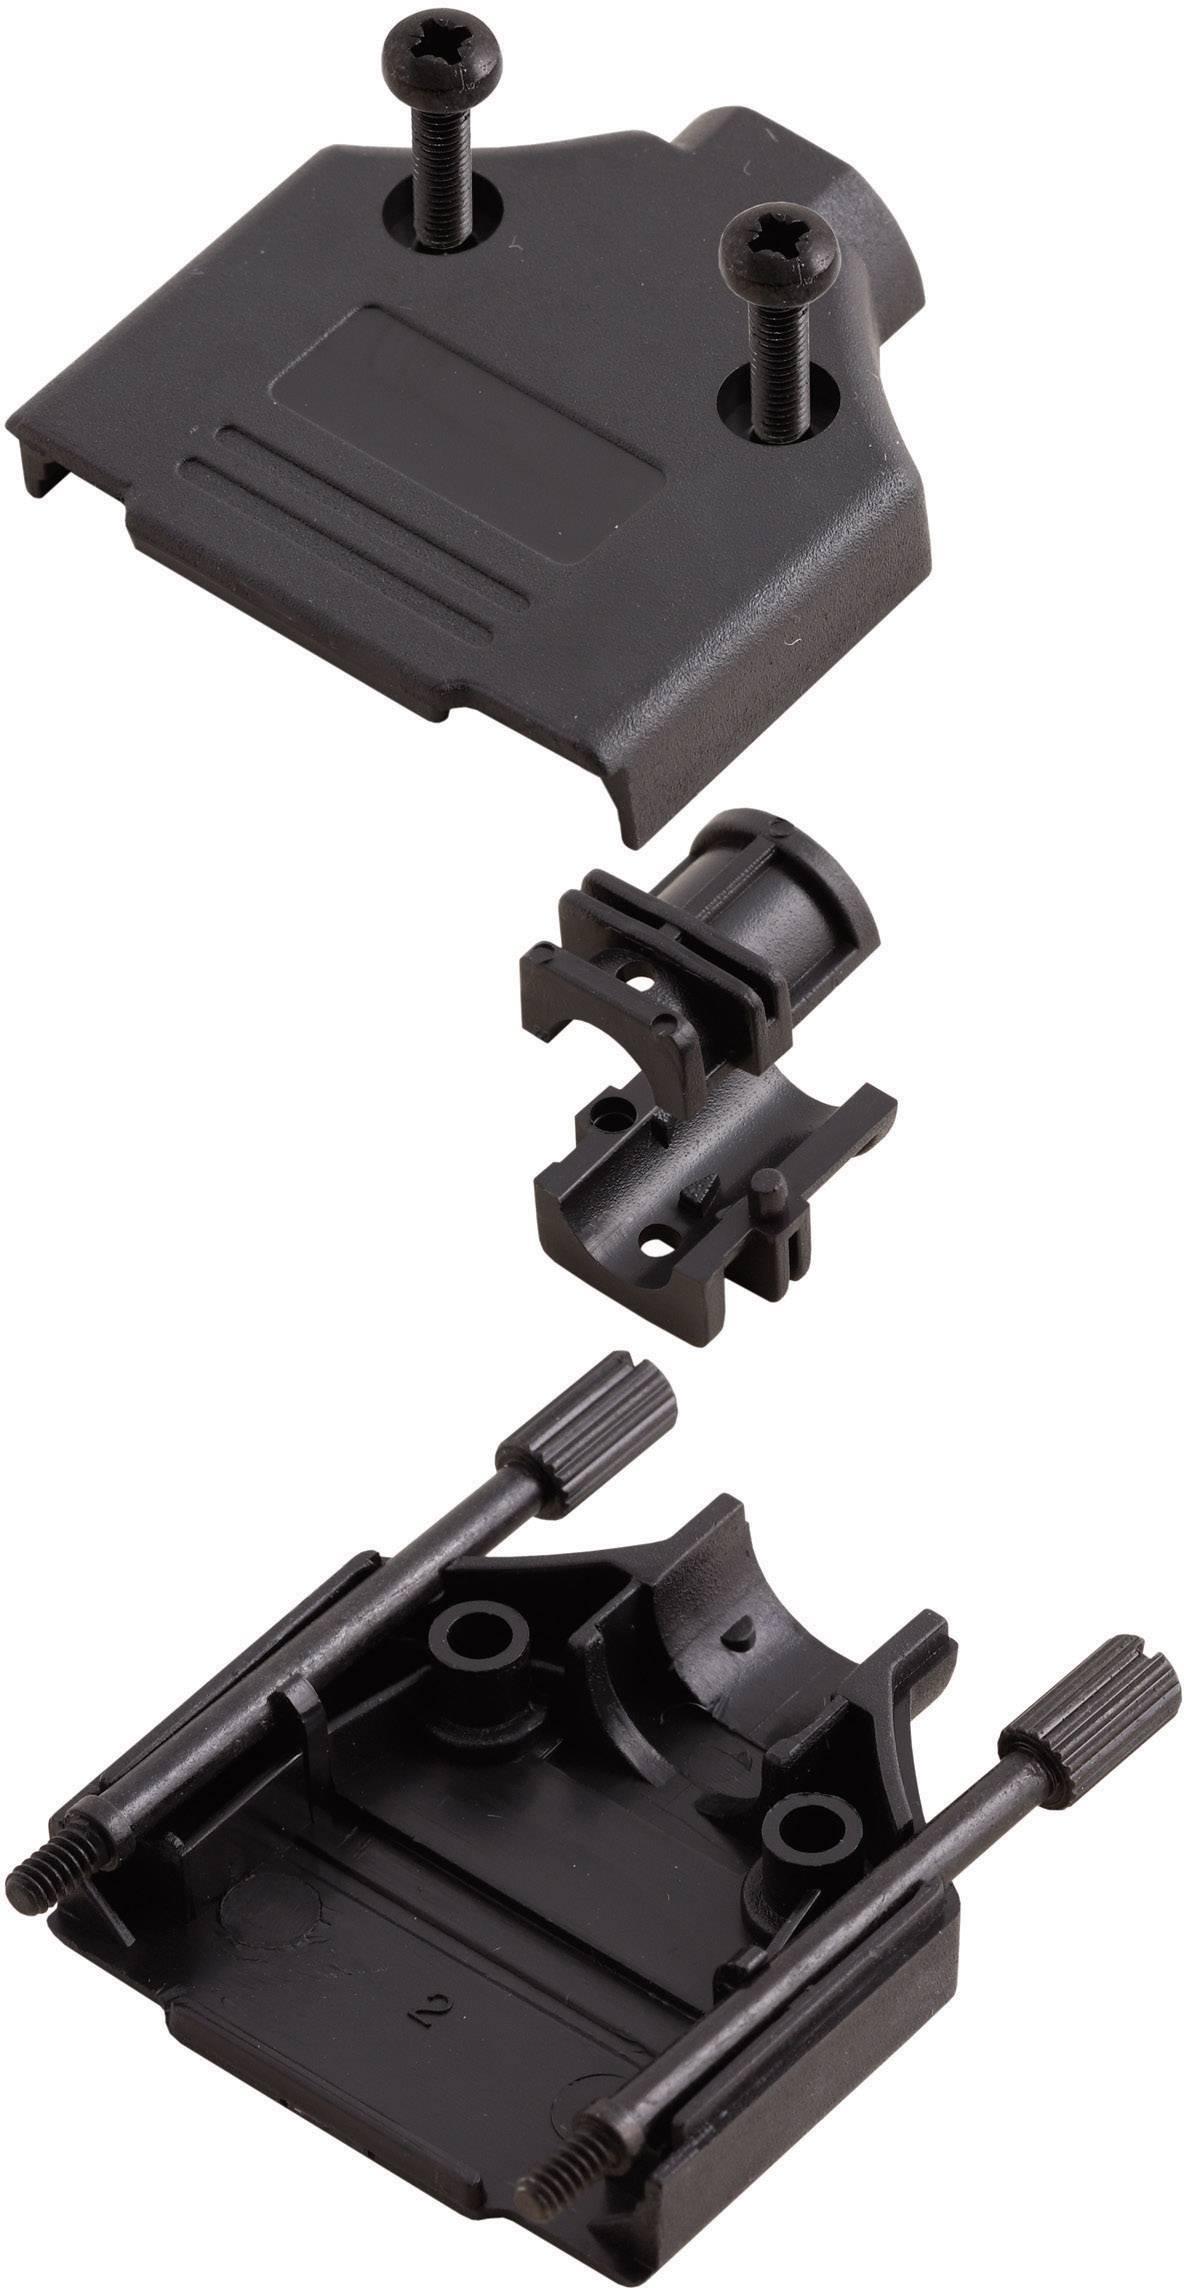 D-SUB púzdro MH Connectors MHDTPPK-25-BK-K 6560-0108-03, počet pinov: 25, plast, 180 °, čierna, 1 ks